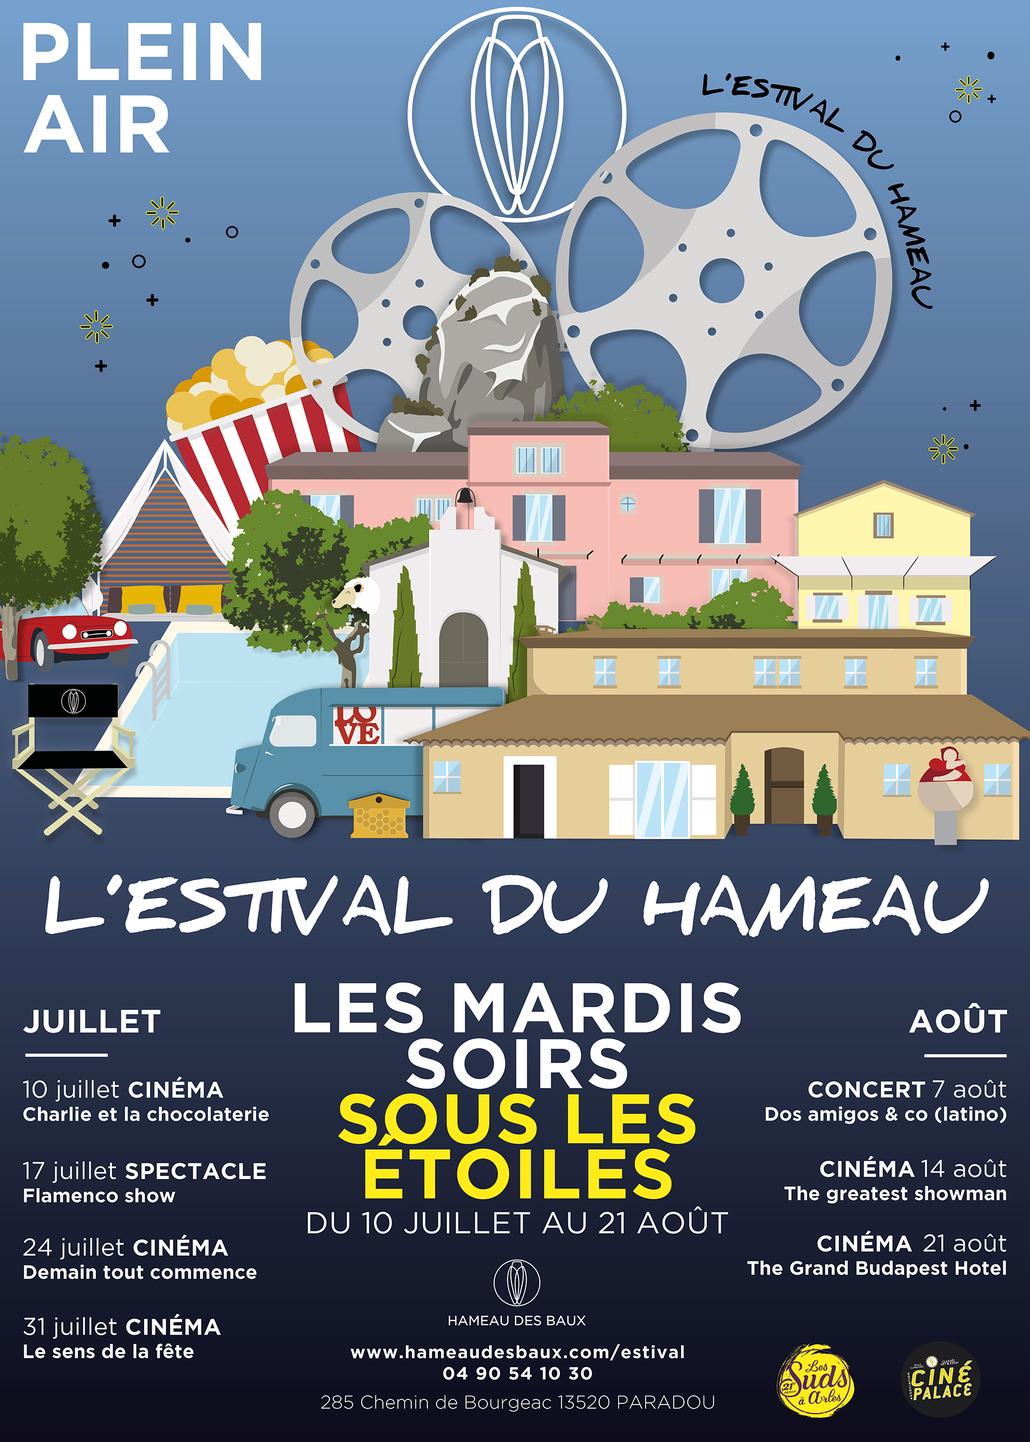 L'Estival du Hameau, cinéma et concert en plein air à Paradou